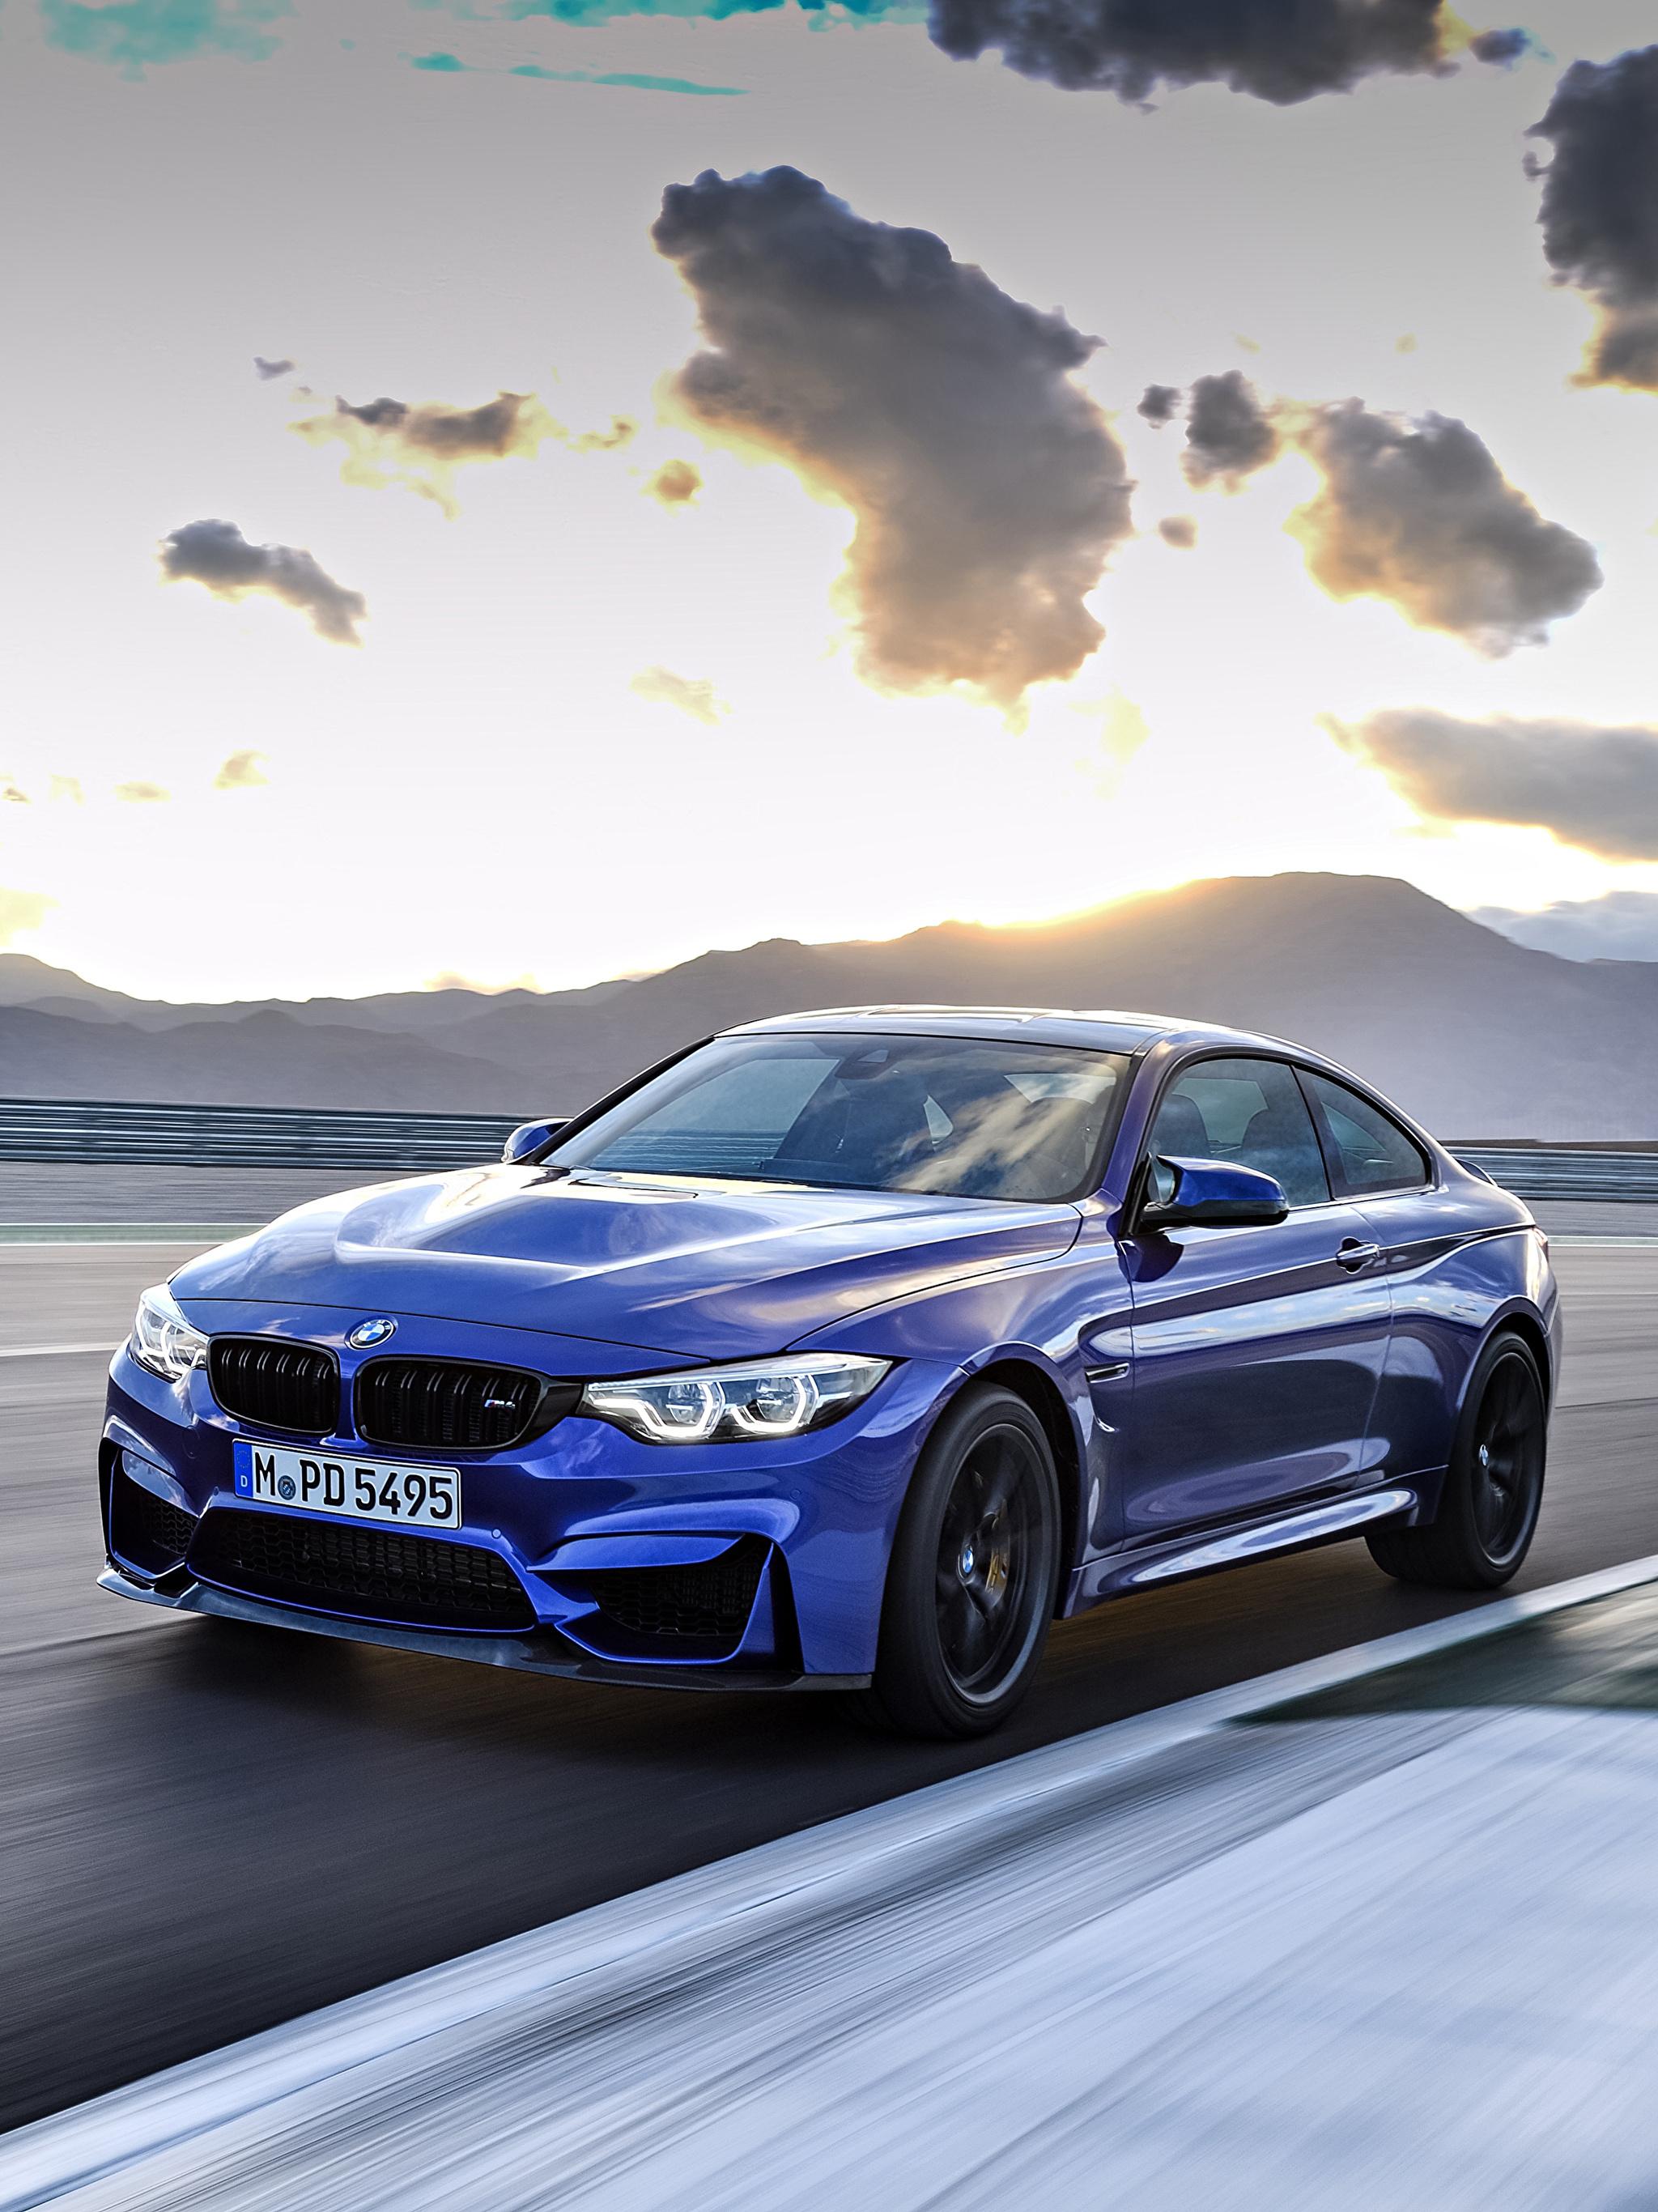 Картинки БМВ 2017 M4 CS Worldwide синие едущий Металлик Автомобили 2048x2732 BMW синих Синий синяя скорость Движение Авто Машины